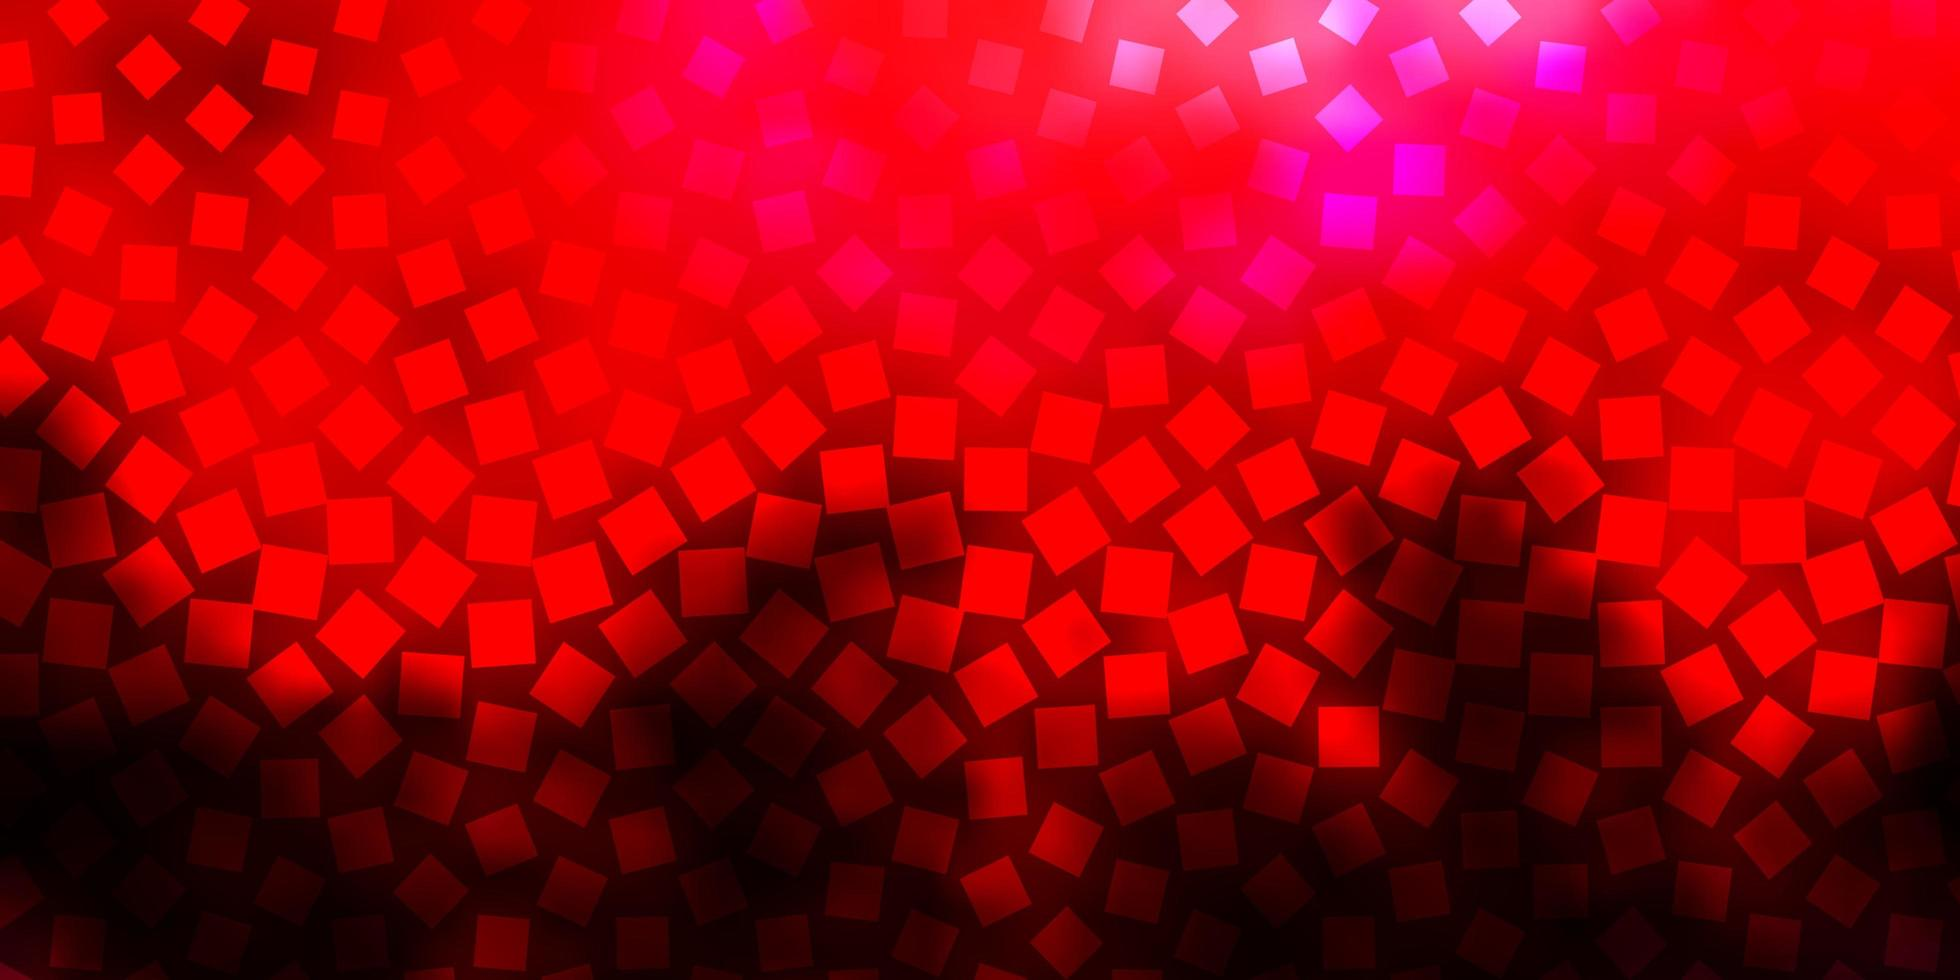 diseño de vector de color rosa oscuro, rojo con líneas, rectángulos.